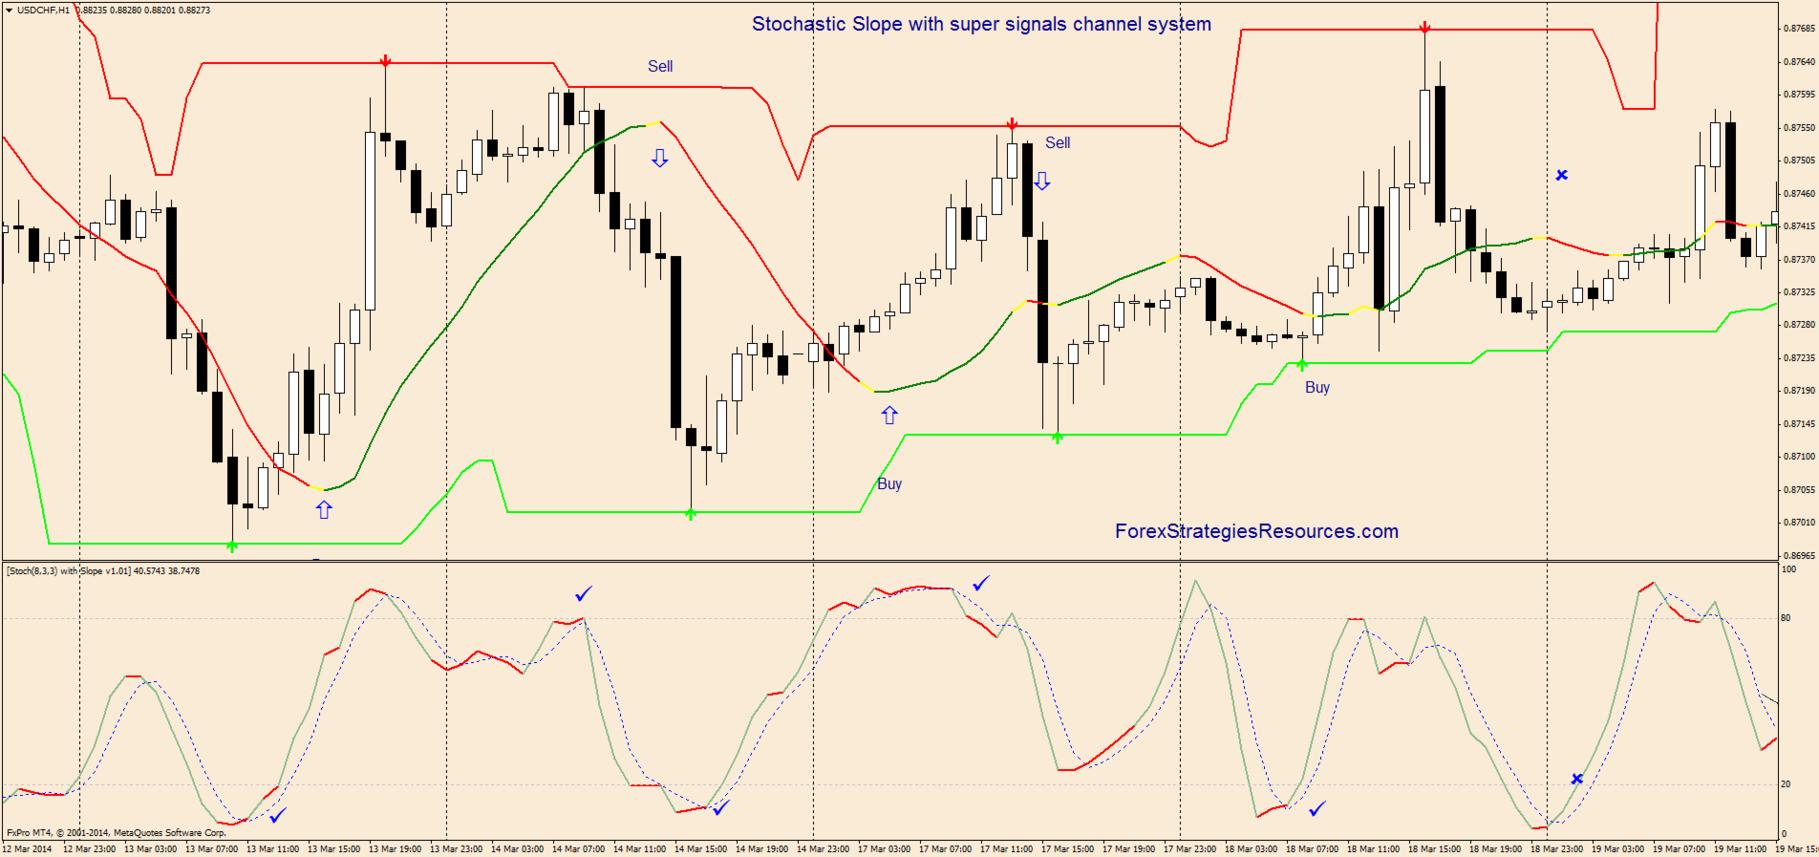 Fss30 version 3 trading system